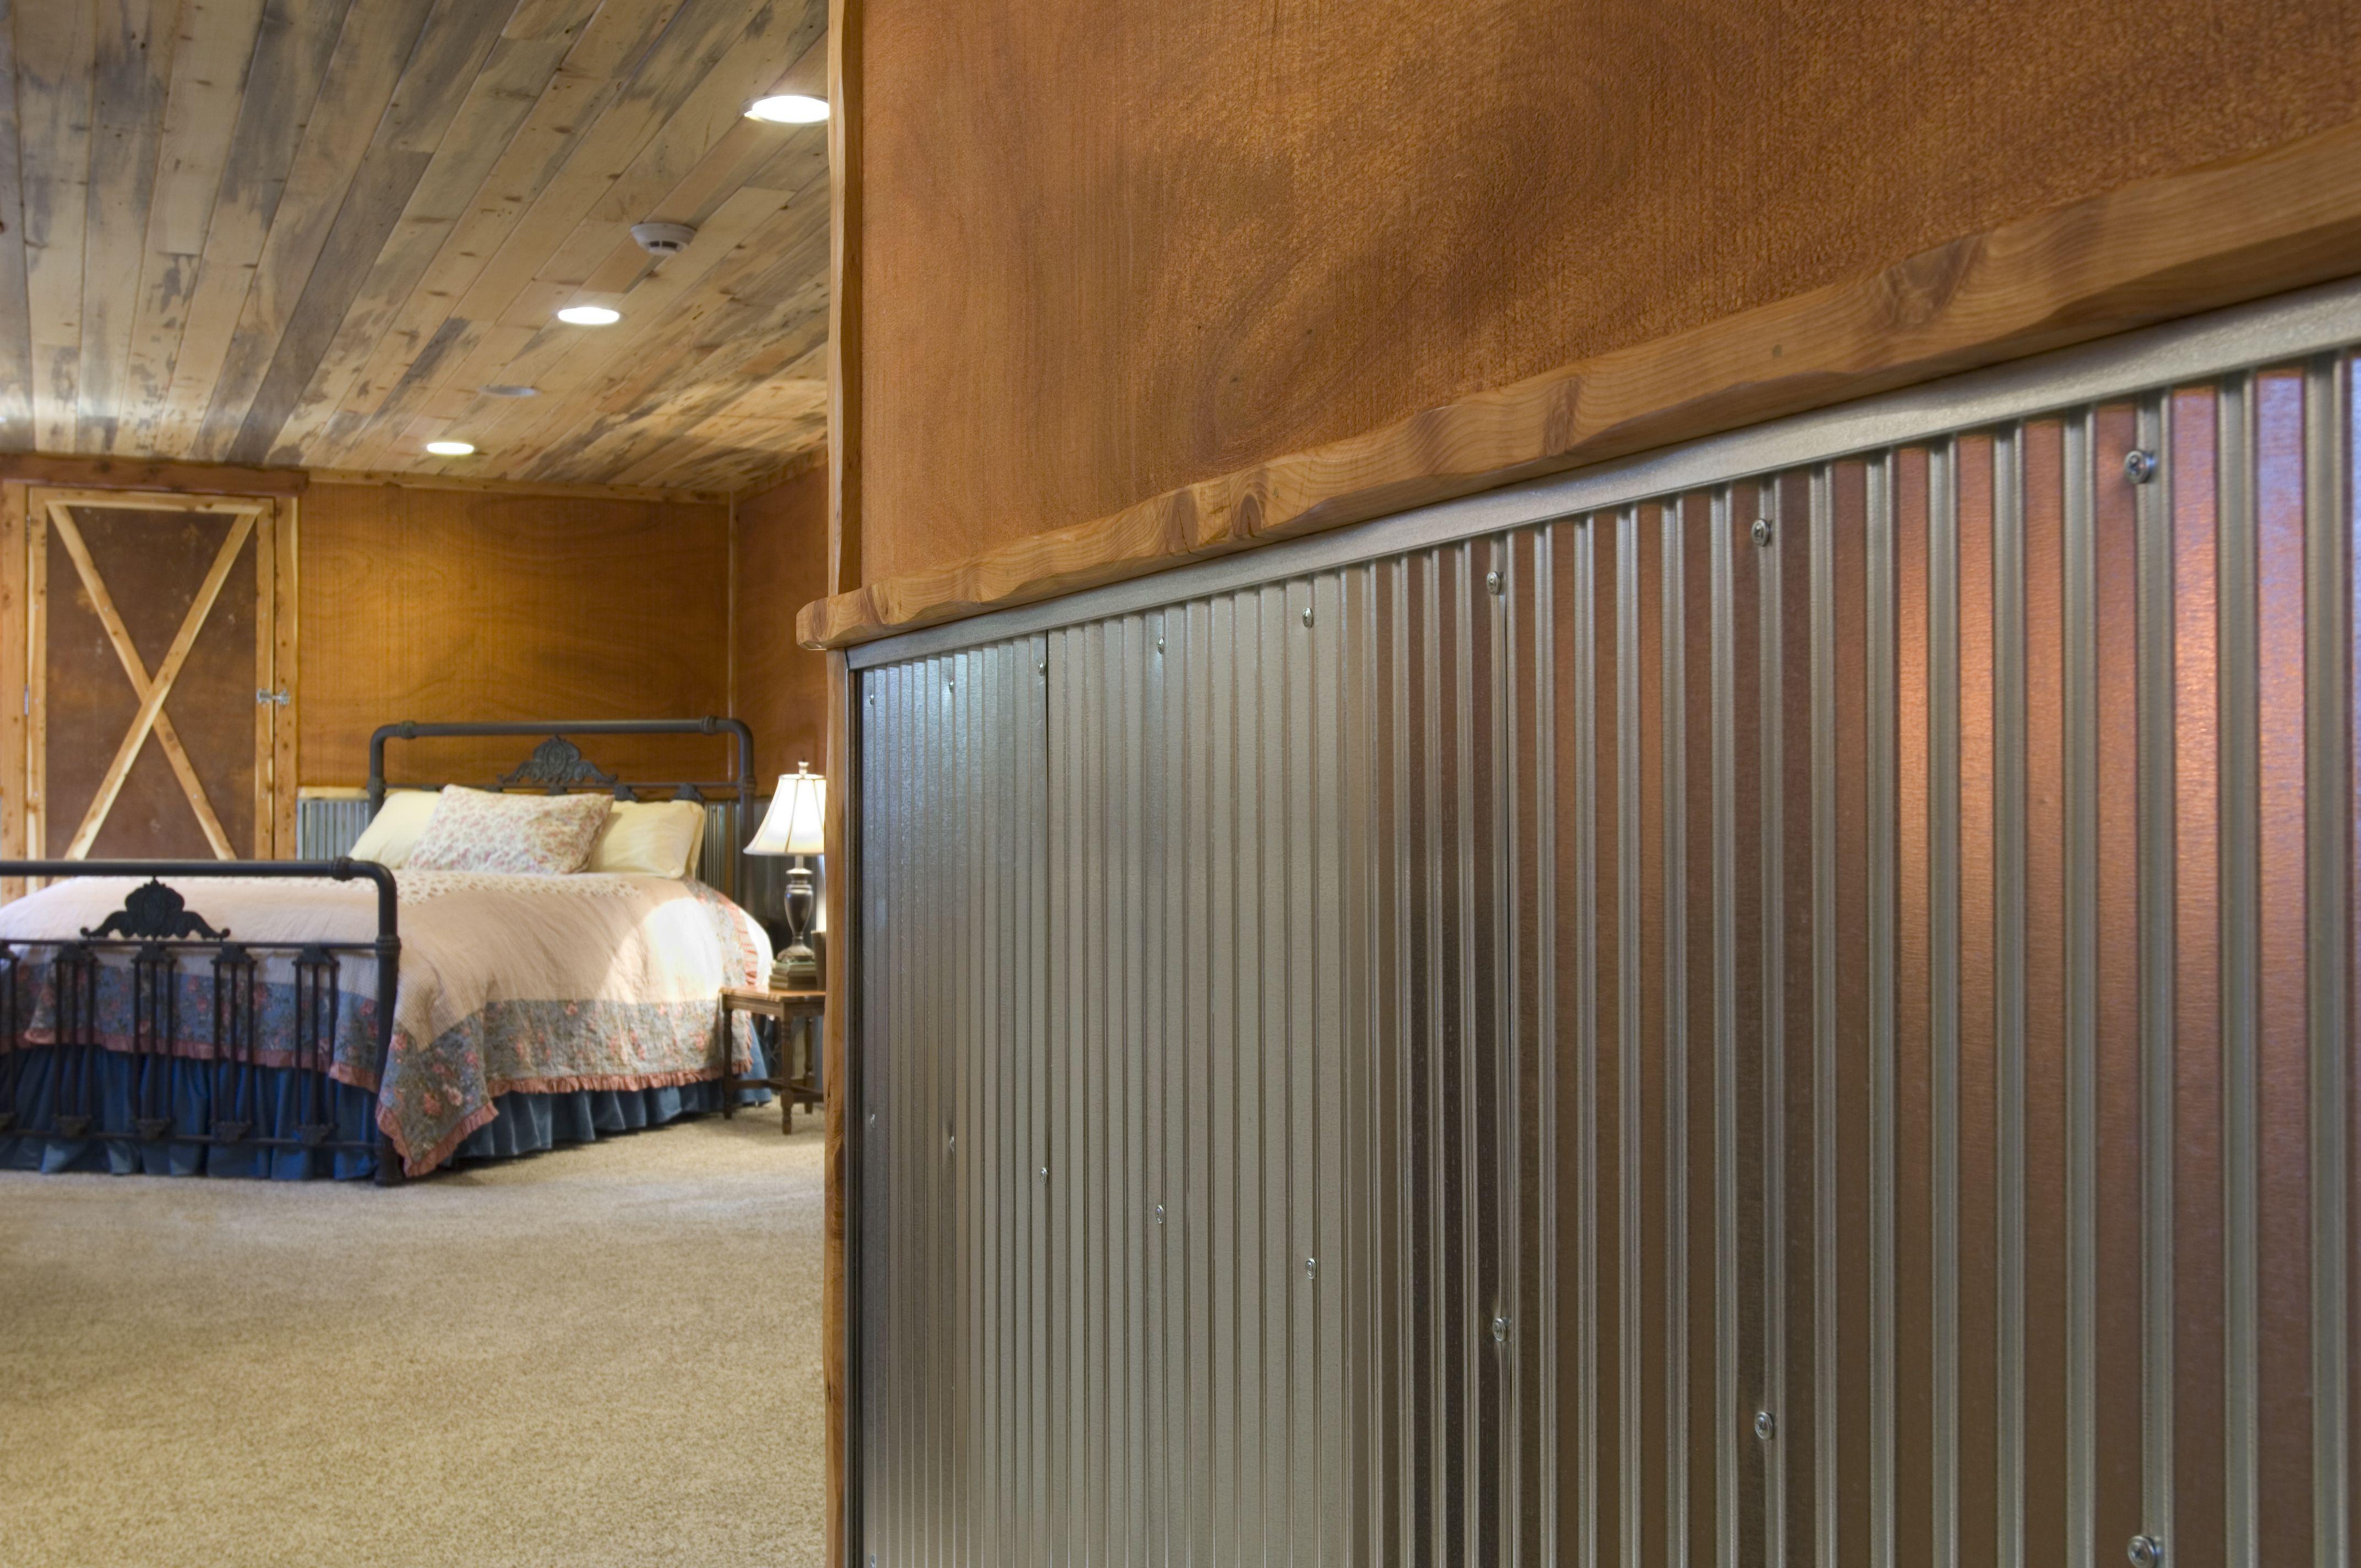 thép mạ kẽm và những ứng dụng trong thiết kế nội thất